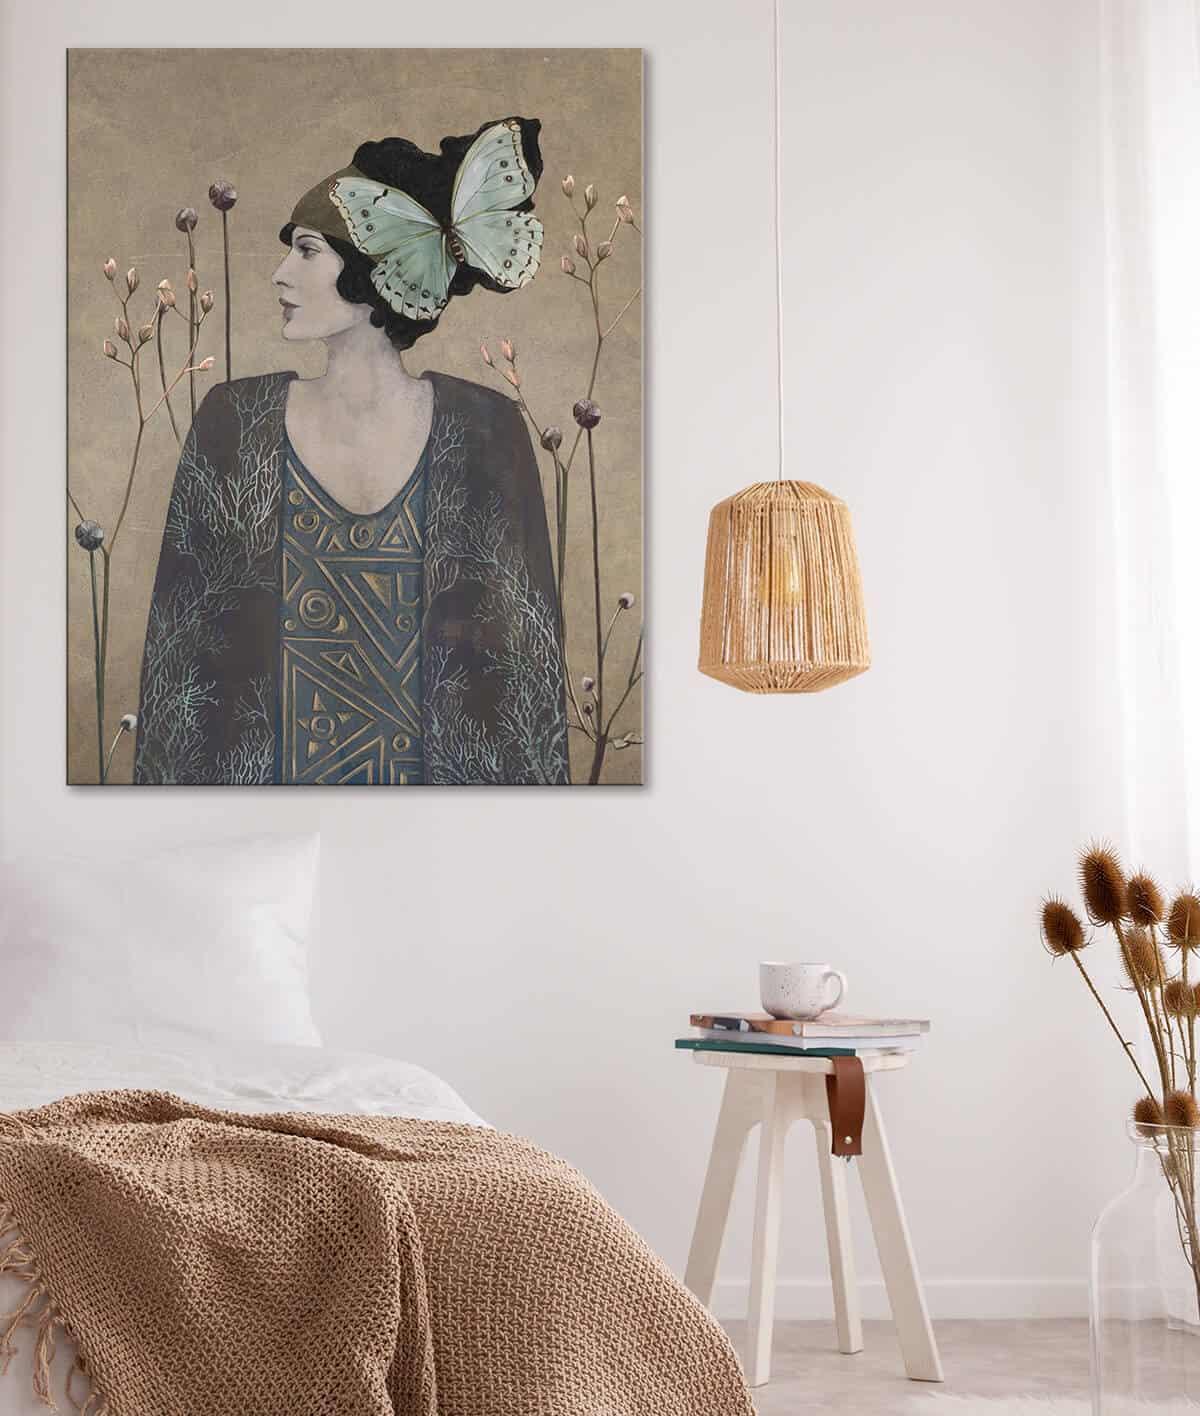 sztuka secesja w sypialni - kobieta portret